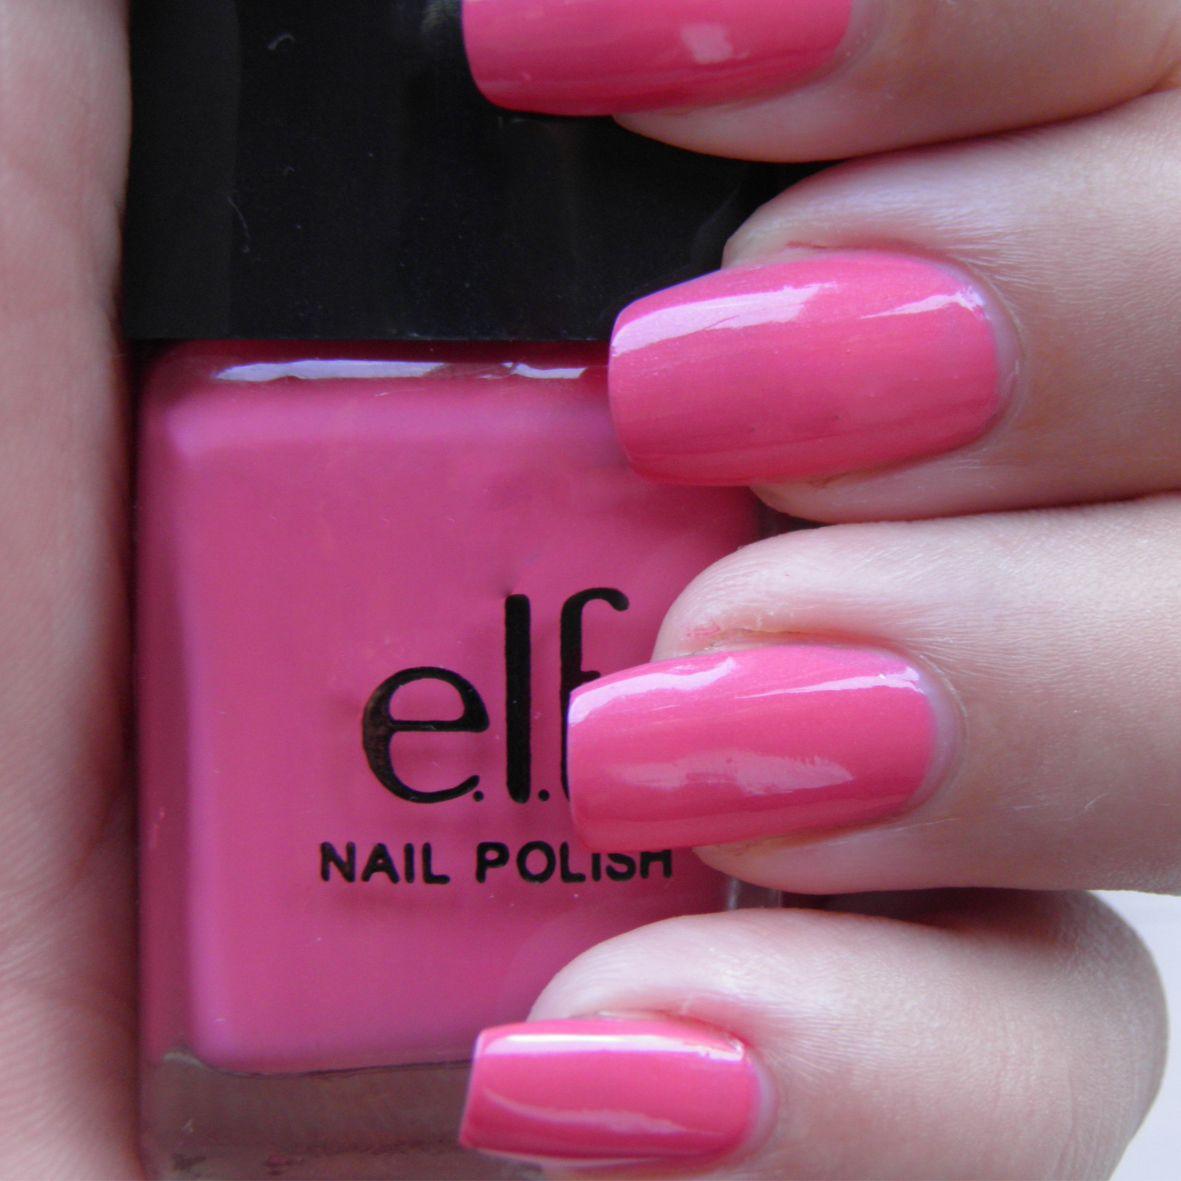 nailpolish | Elf nail polish review | Nail design | Pinterest